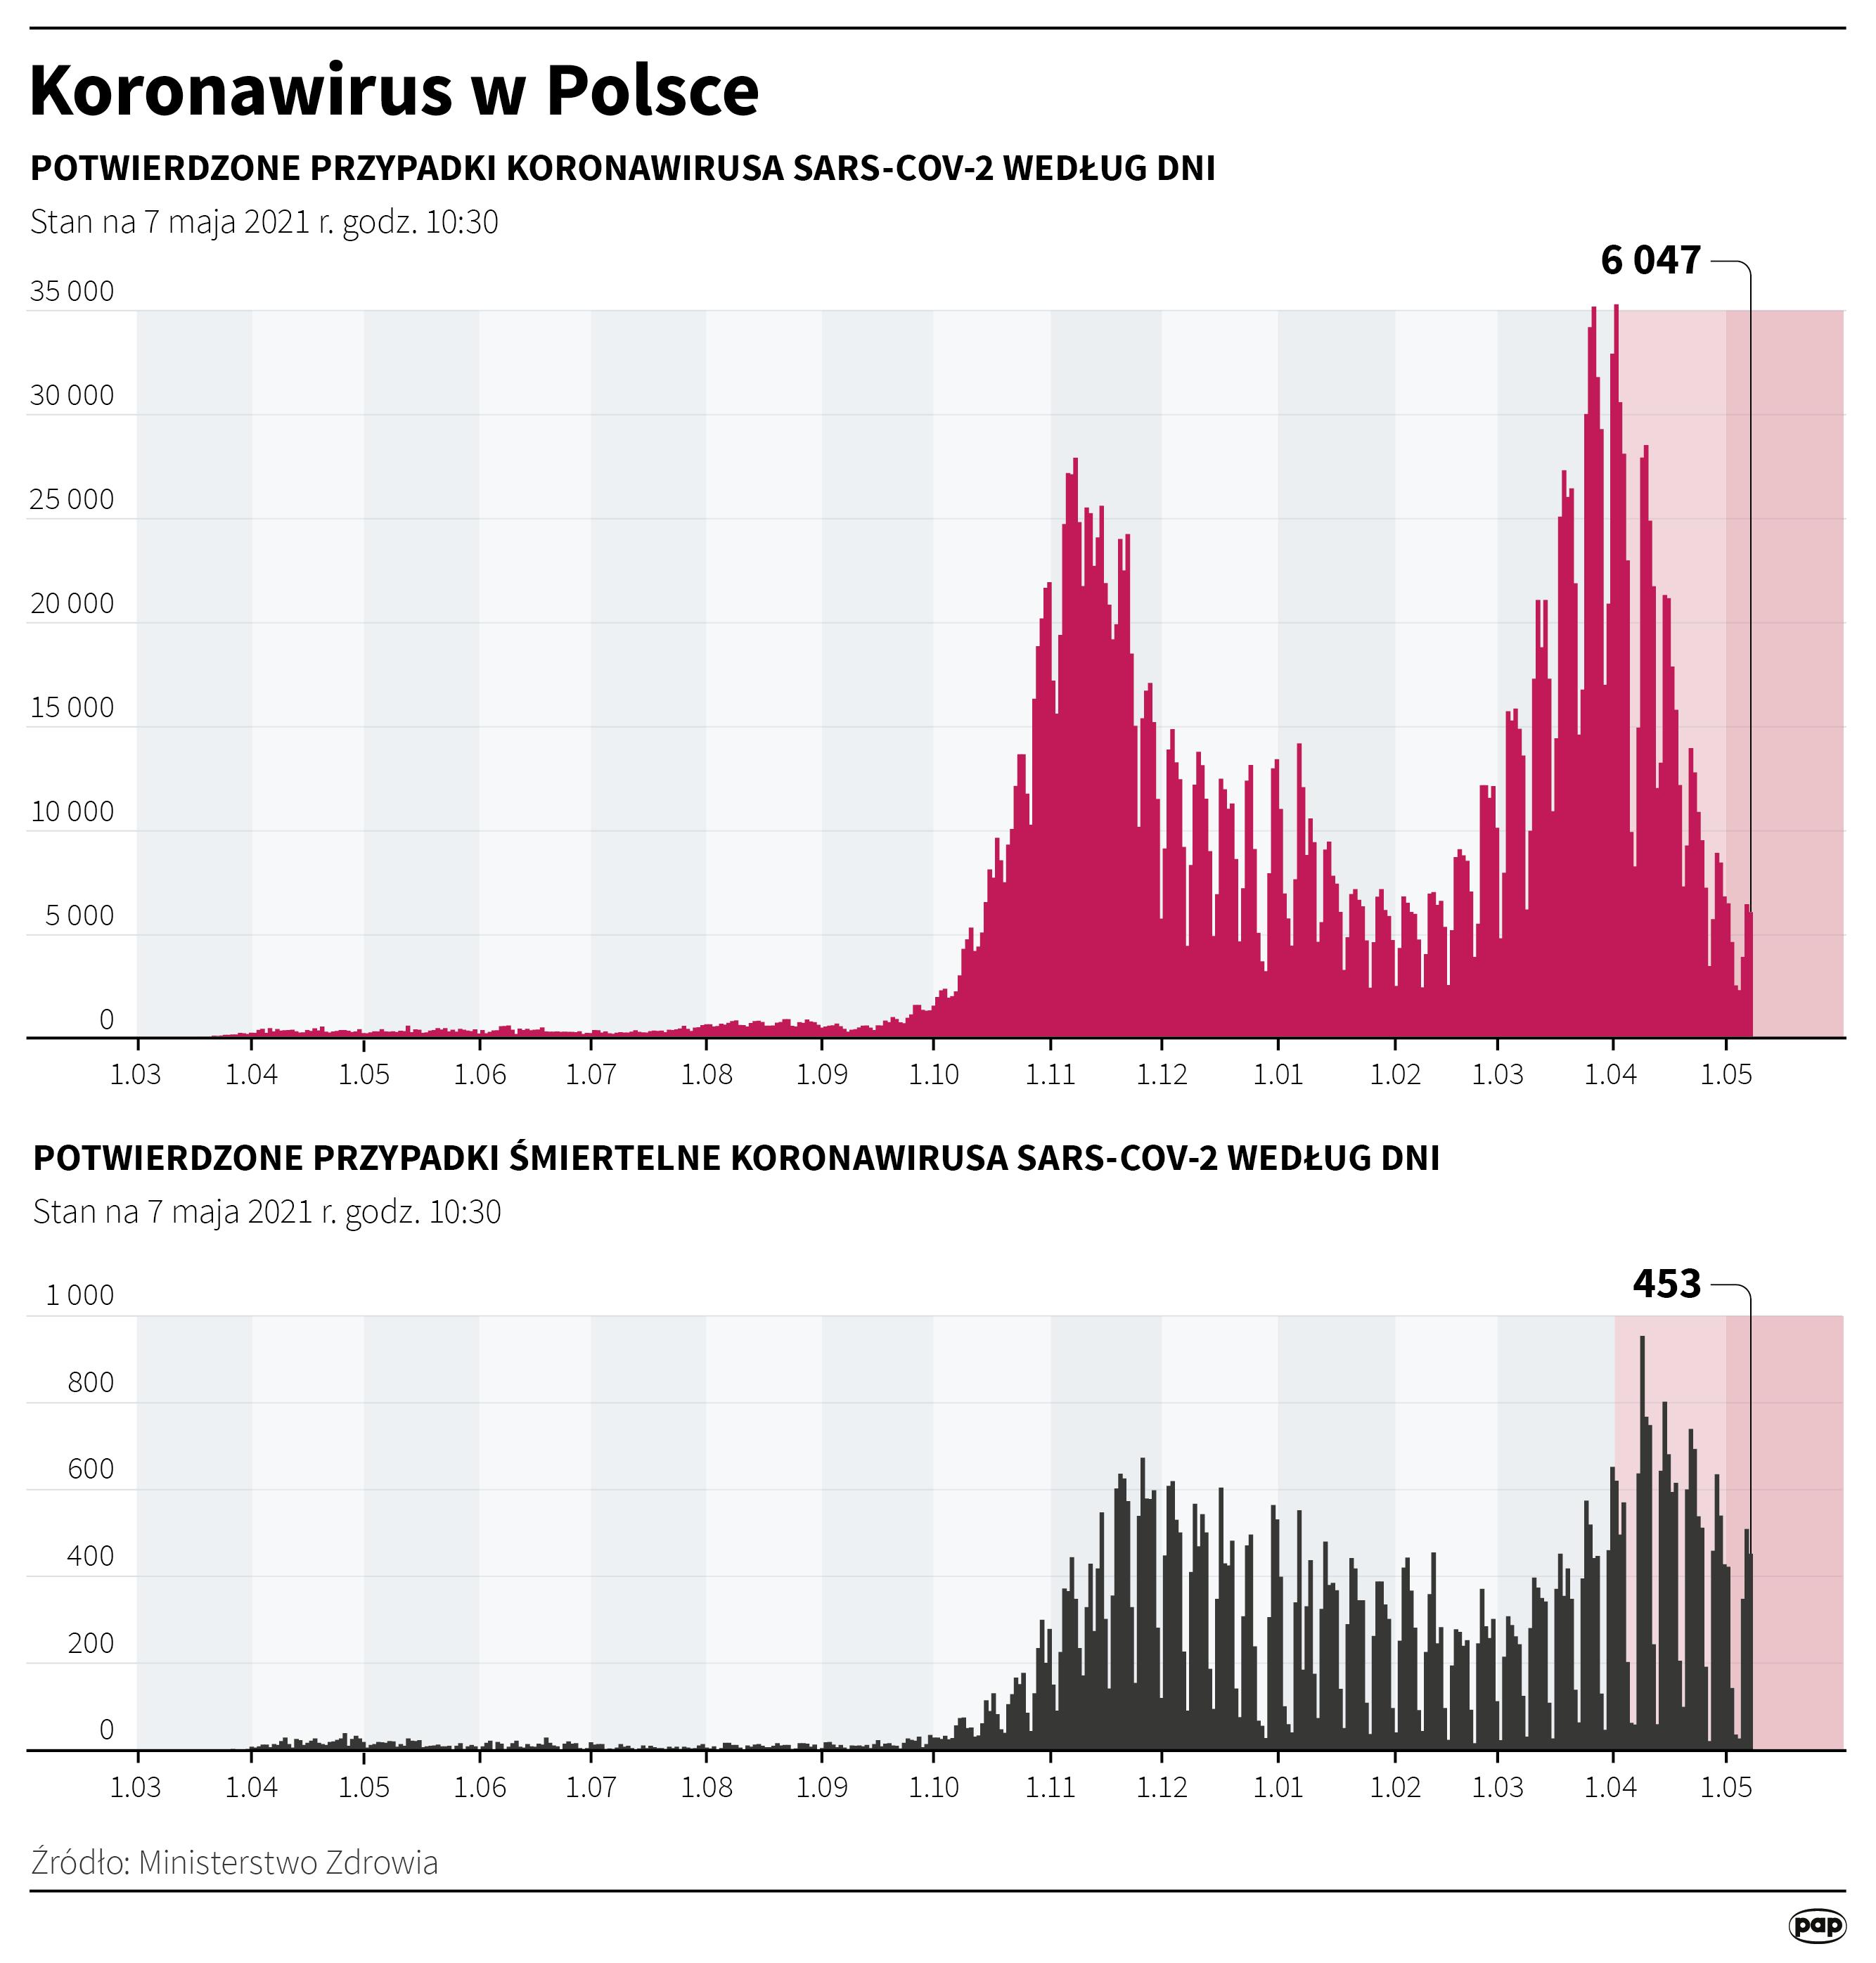 Koronawirus w Polsce - stan na 7 maja [Autor: Maciej Zieliński, źródło: PAP]